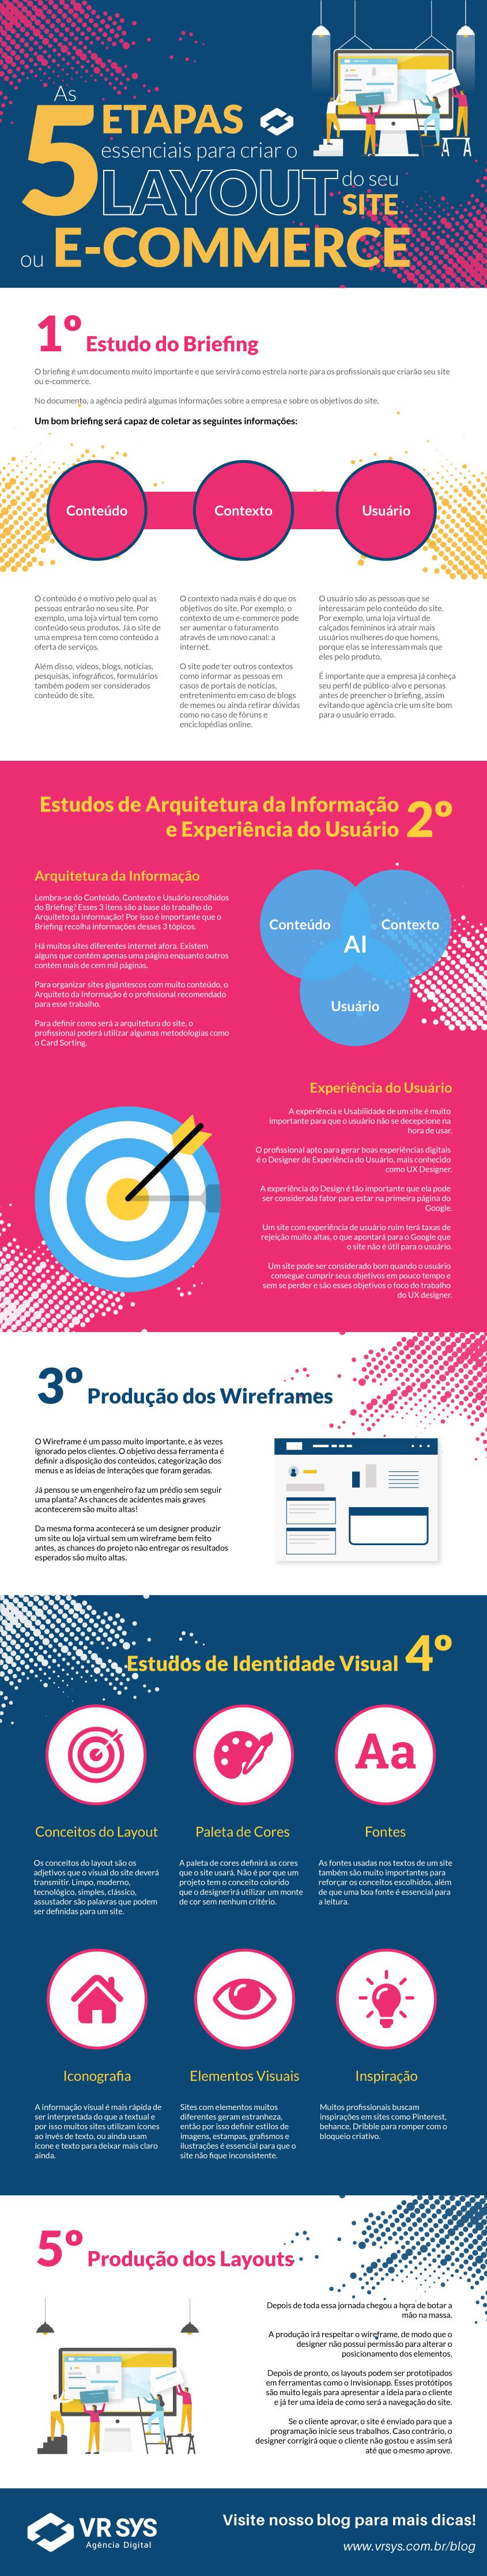 As 5 etapas essenciais para criar o Layout do seu Site ou E-commerce